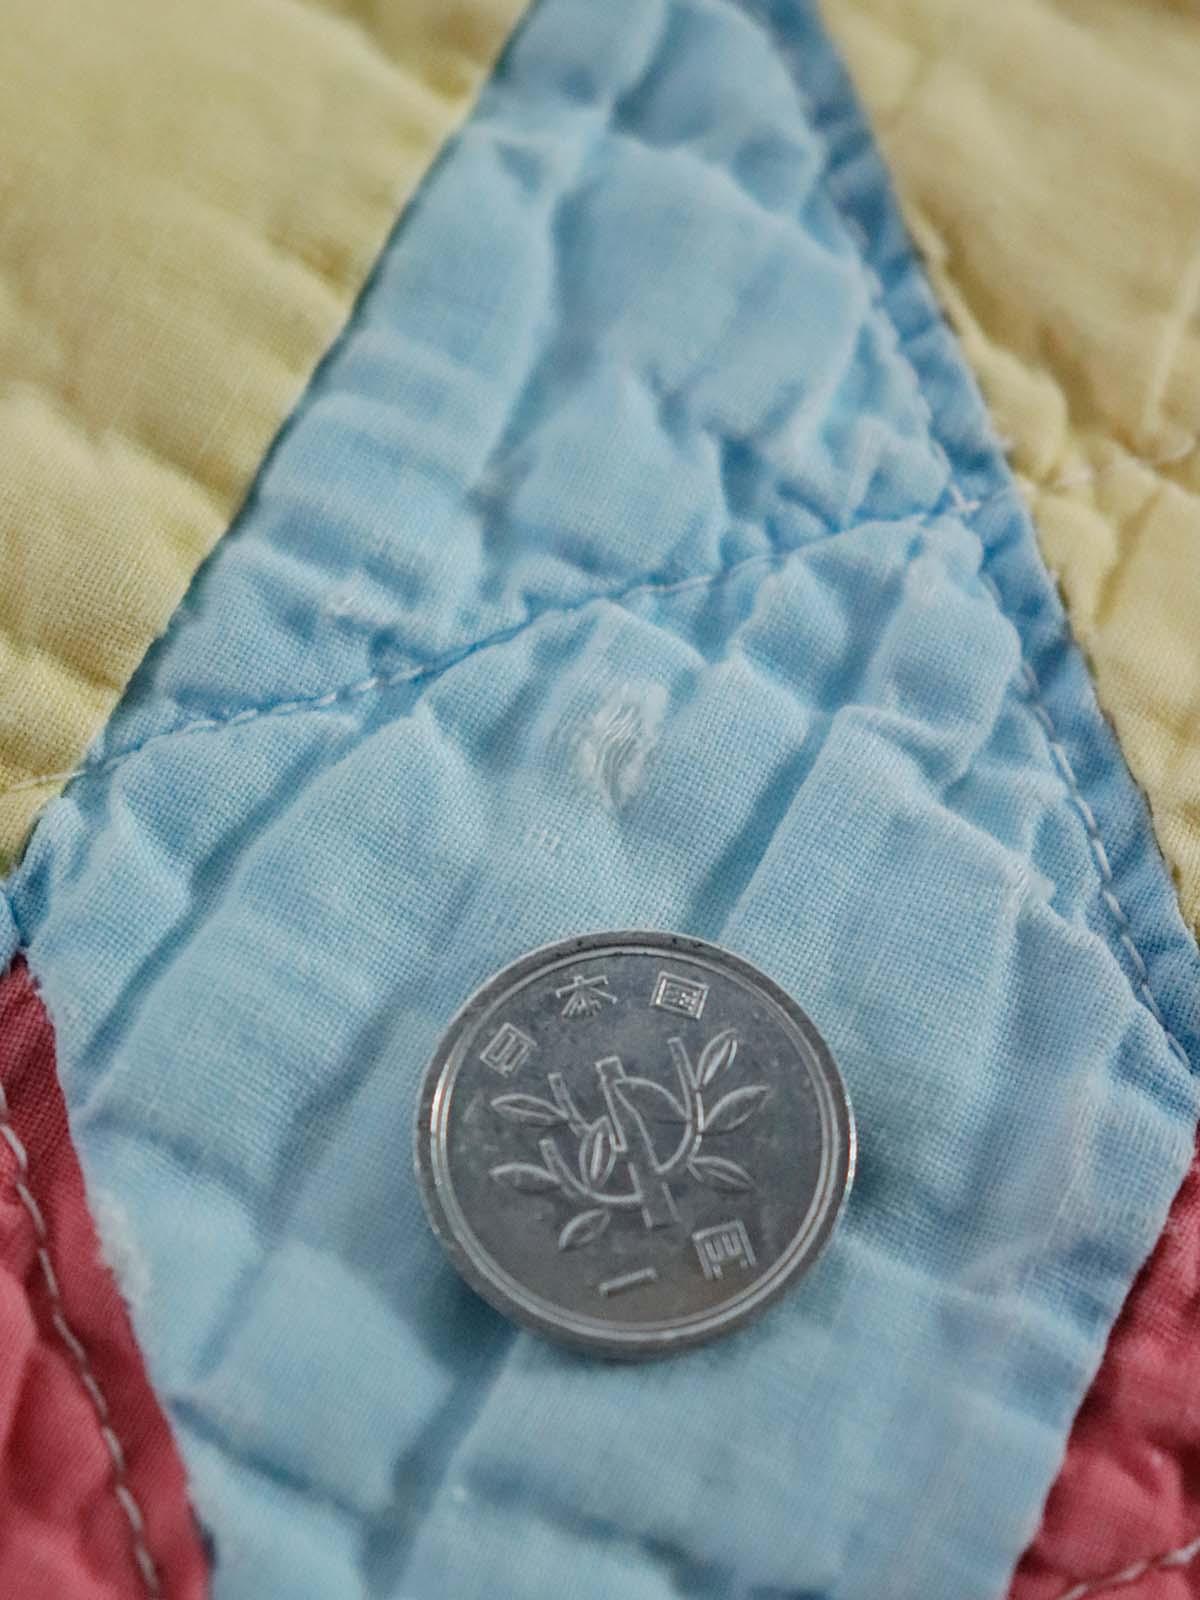 Vintage,quilt,lonestar quilt,USA